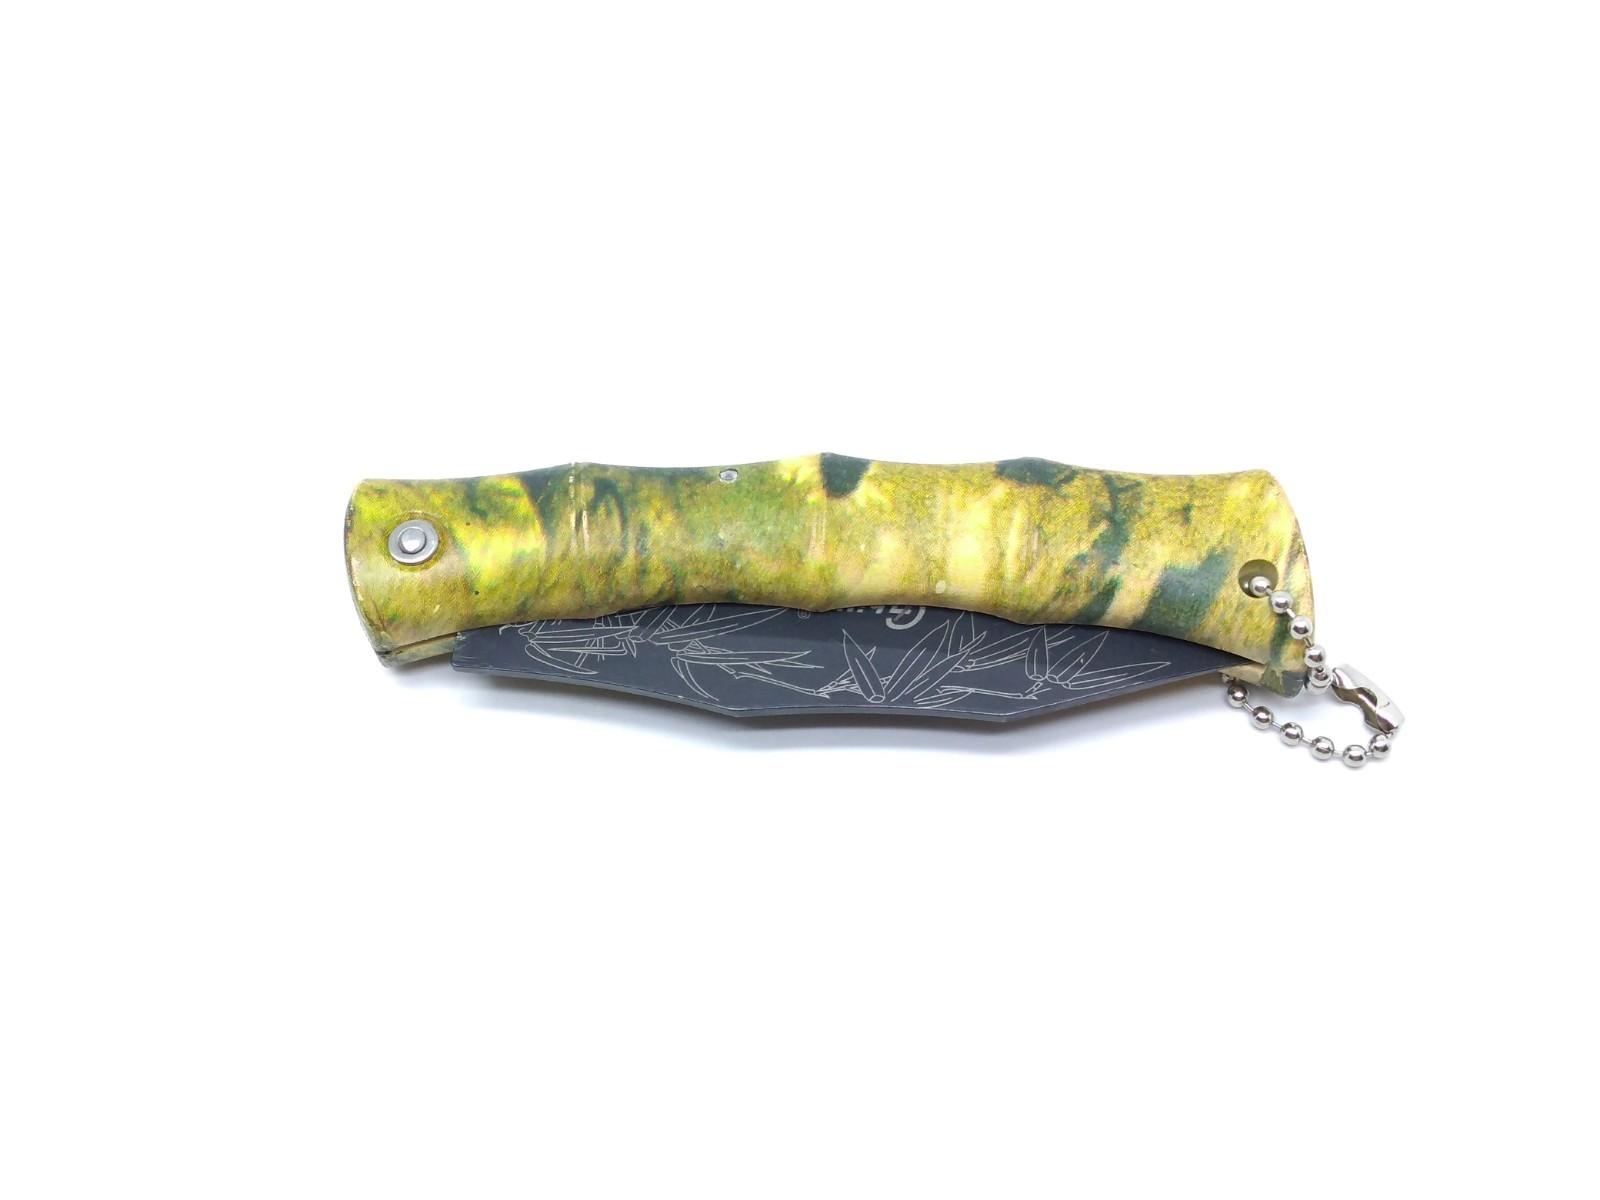 Canivete Xingu XV3137 Cabo Camuflado - Desenho na Lâmina  - Life Pesca - Sua loja de Pesca, Camping e Lazer